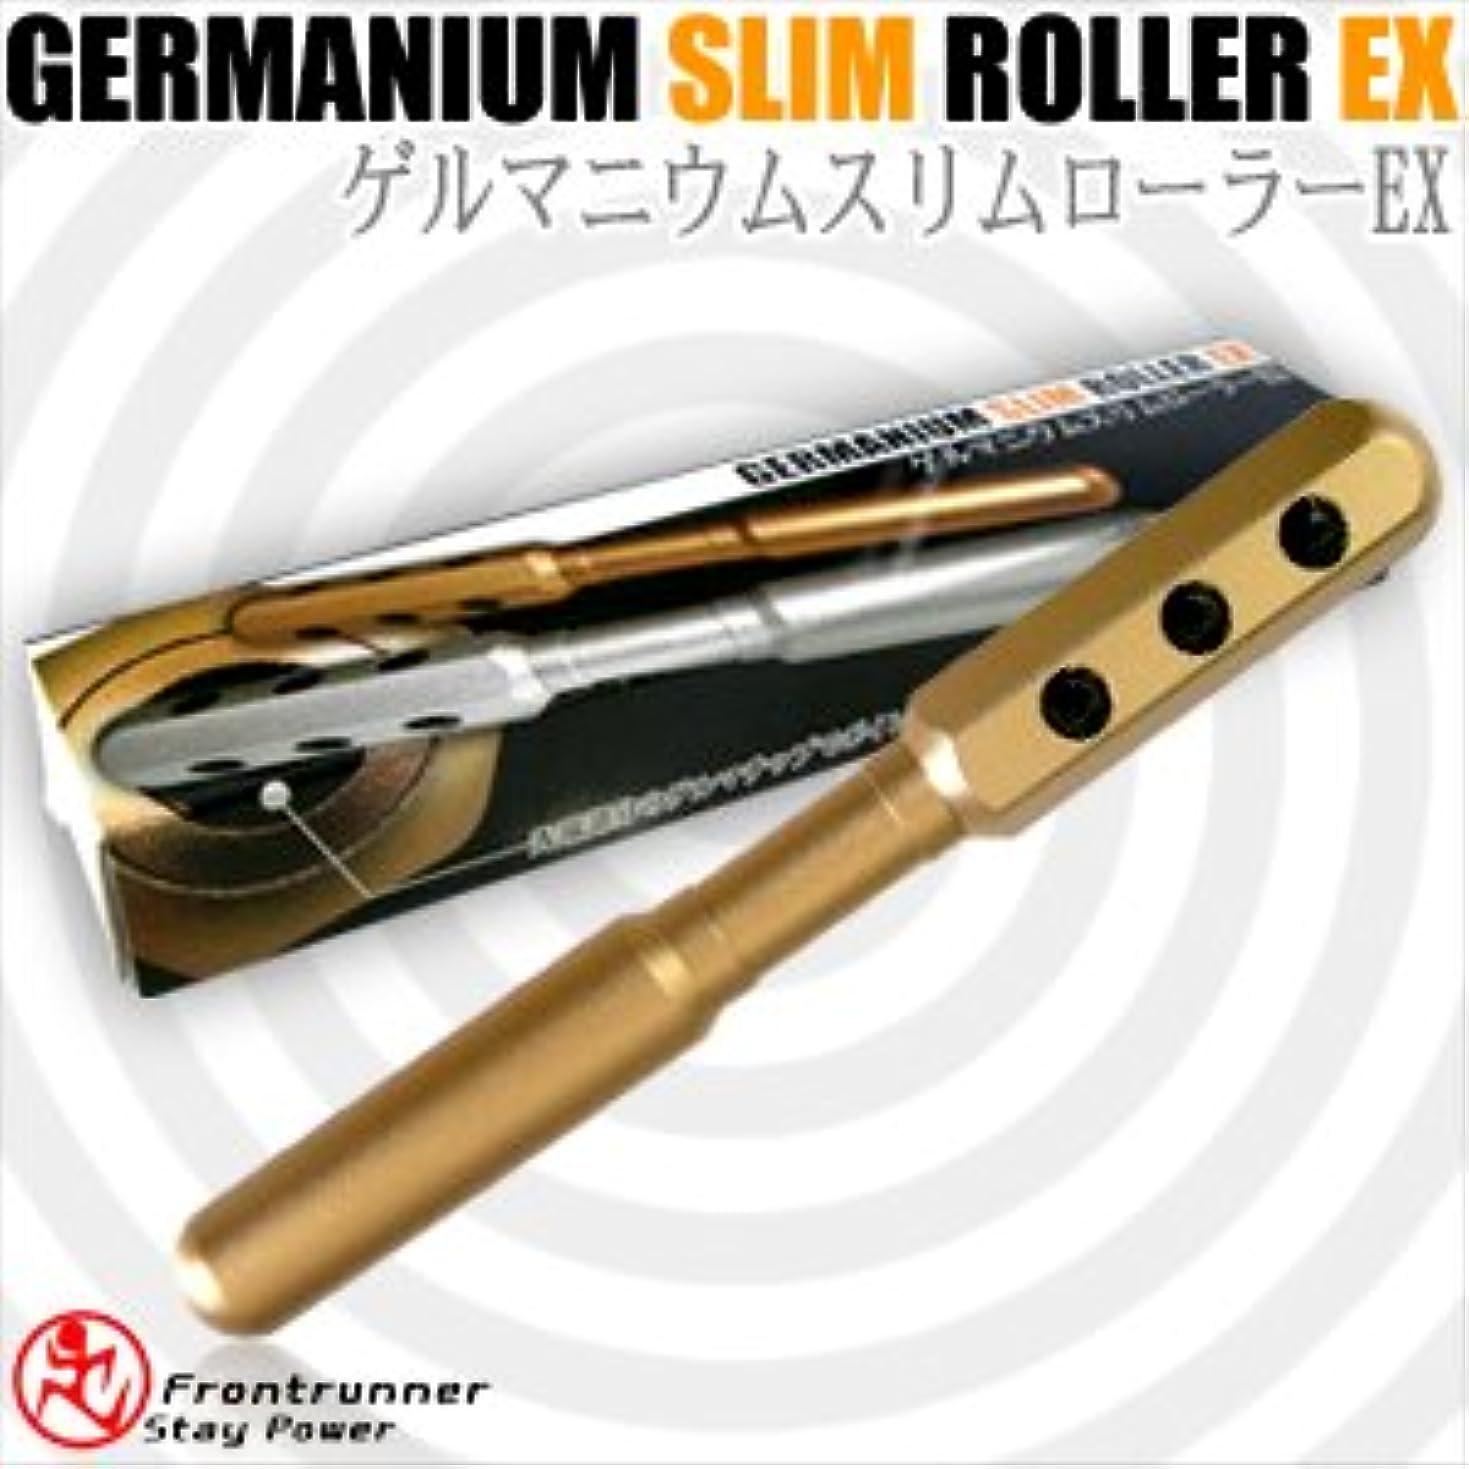 標高荒涼としたはさみゲルマニウムスリムローラーEX(ゴールド)